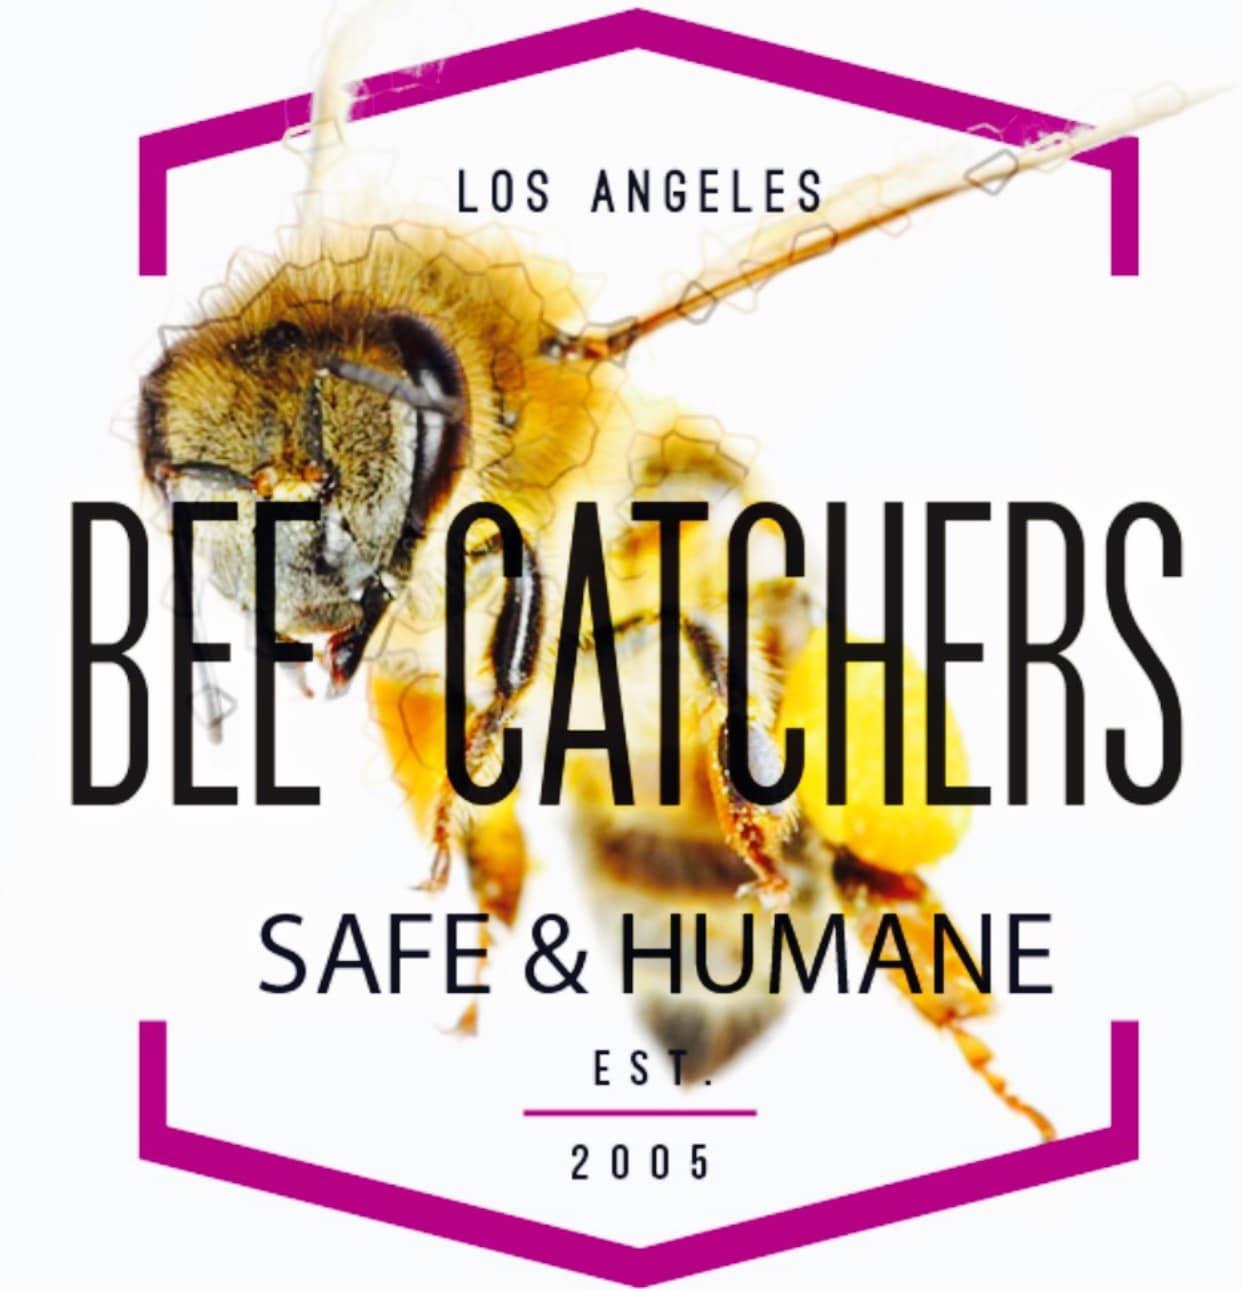 Bee Catchers Inc. logo